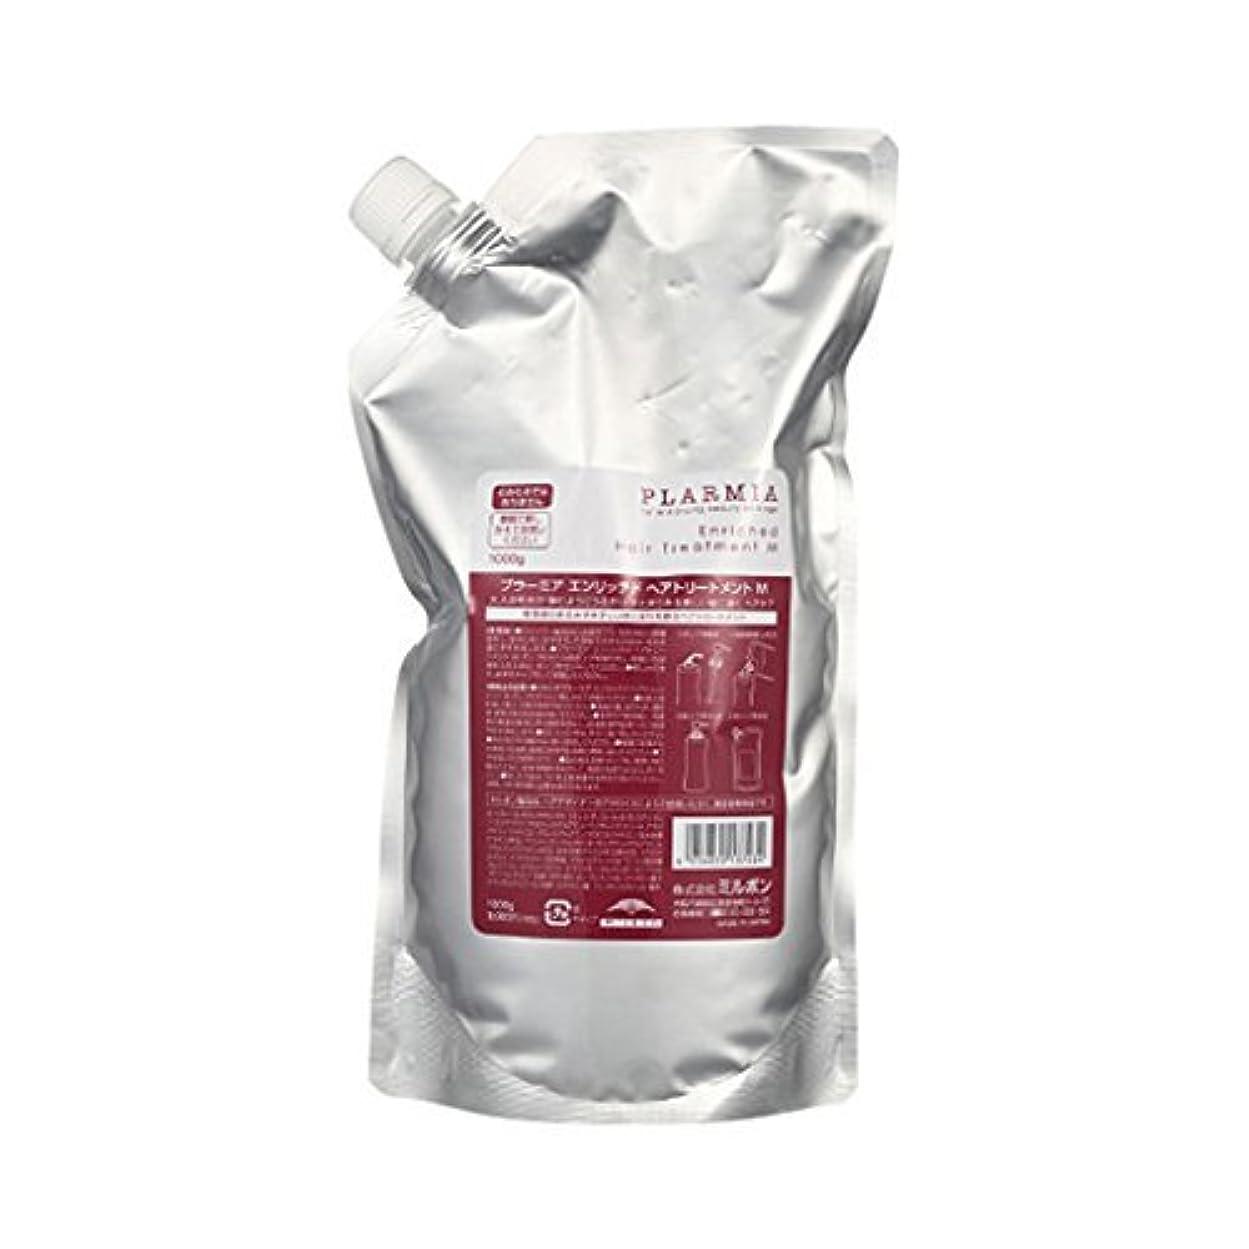 修復グラフ化合物ミルボン プラーミア エンリッチド トリートメントM (1000gパック) 詰替用